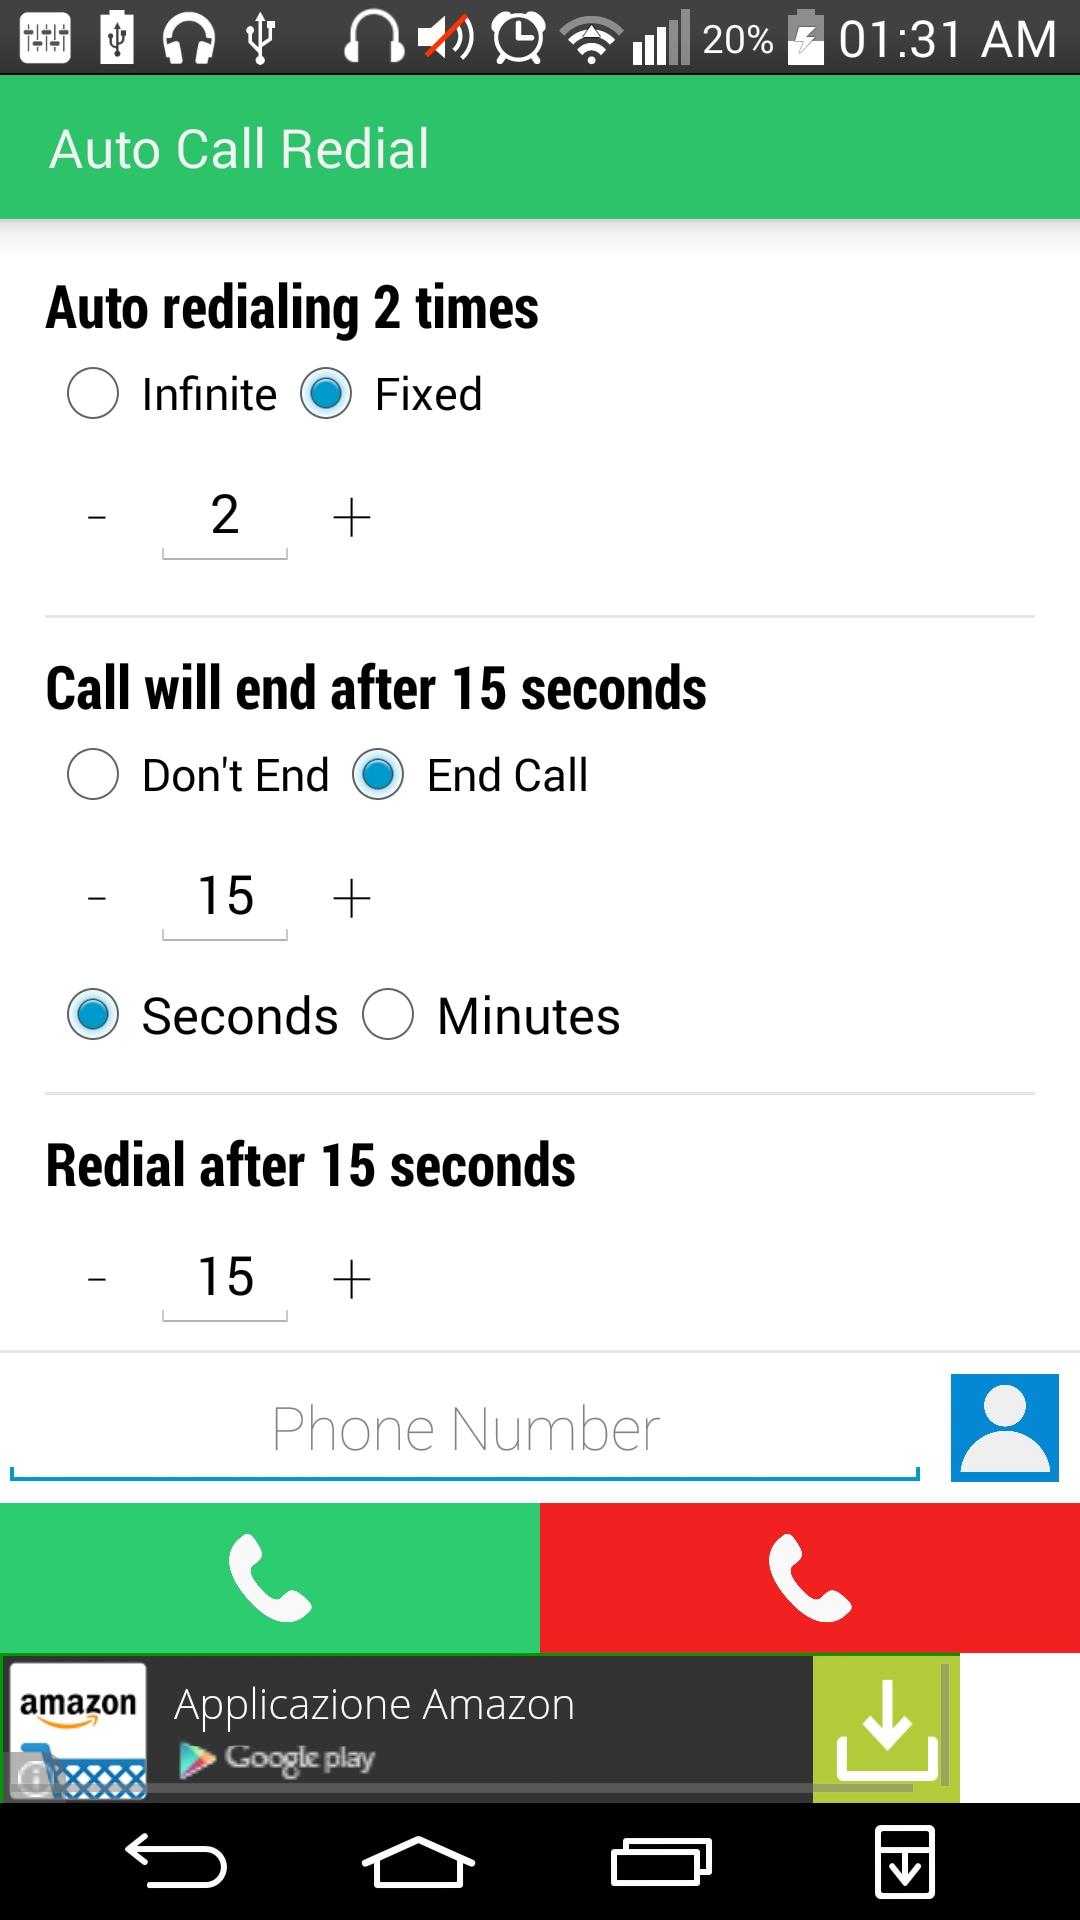 Auto Call Redial_chiamate automatiche (3)